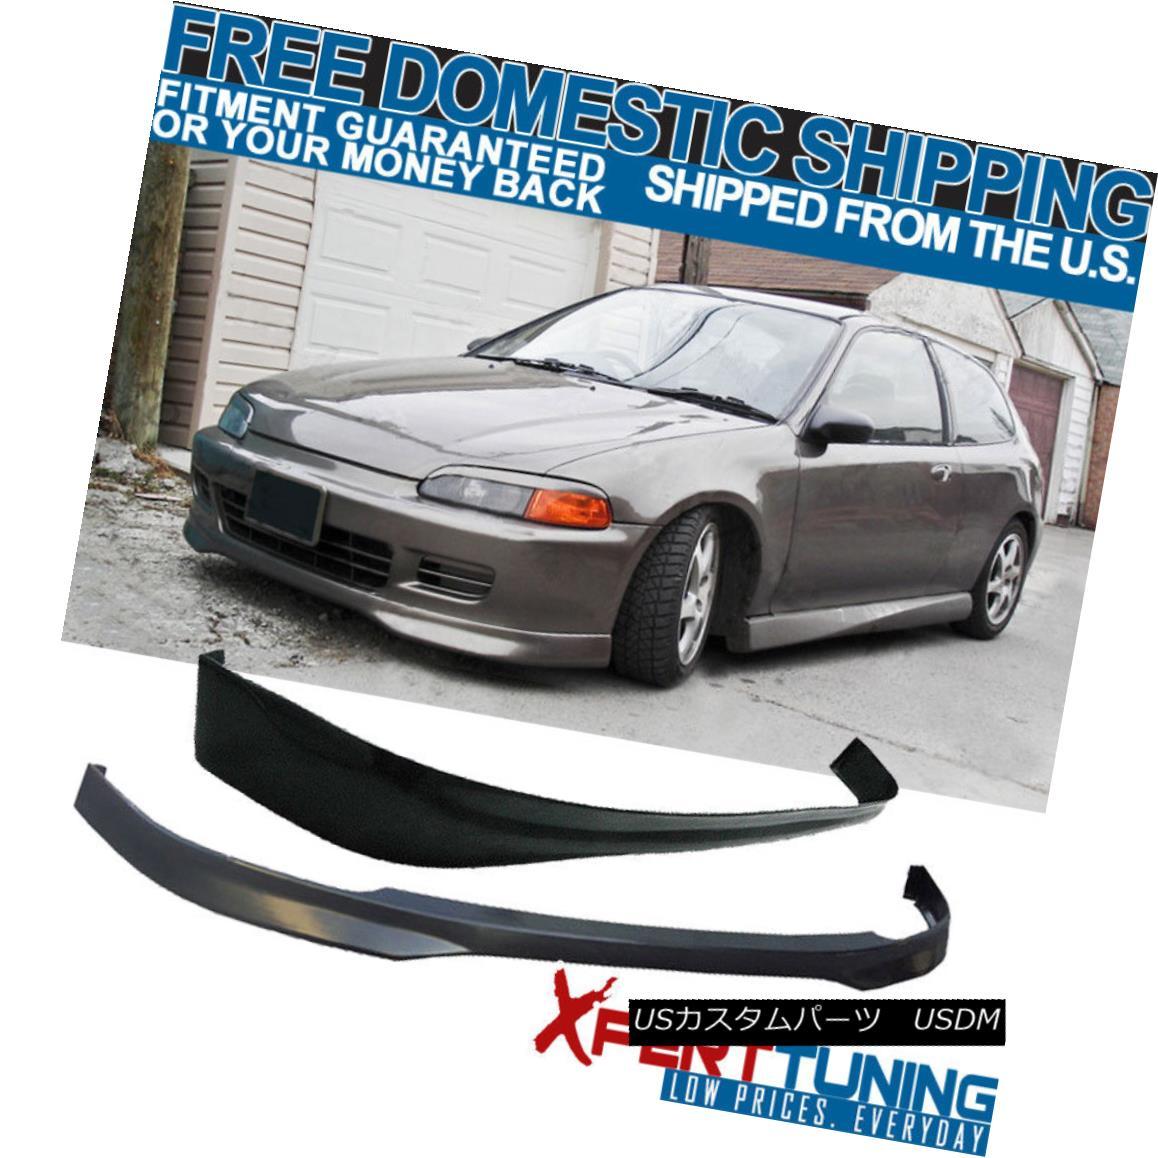 エアロパーツ Fits 1992-1995 Honda Civic EG 3Dr Urethane T-R Front + Rear Bumper Lip Bodykit フィット1992-1995ホンダシビックEG 3DrウレタンT-Rフロント+リアバンパーリップボディキット